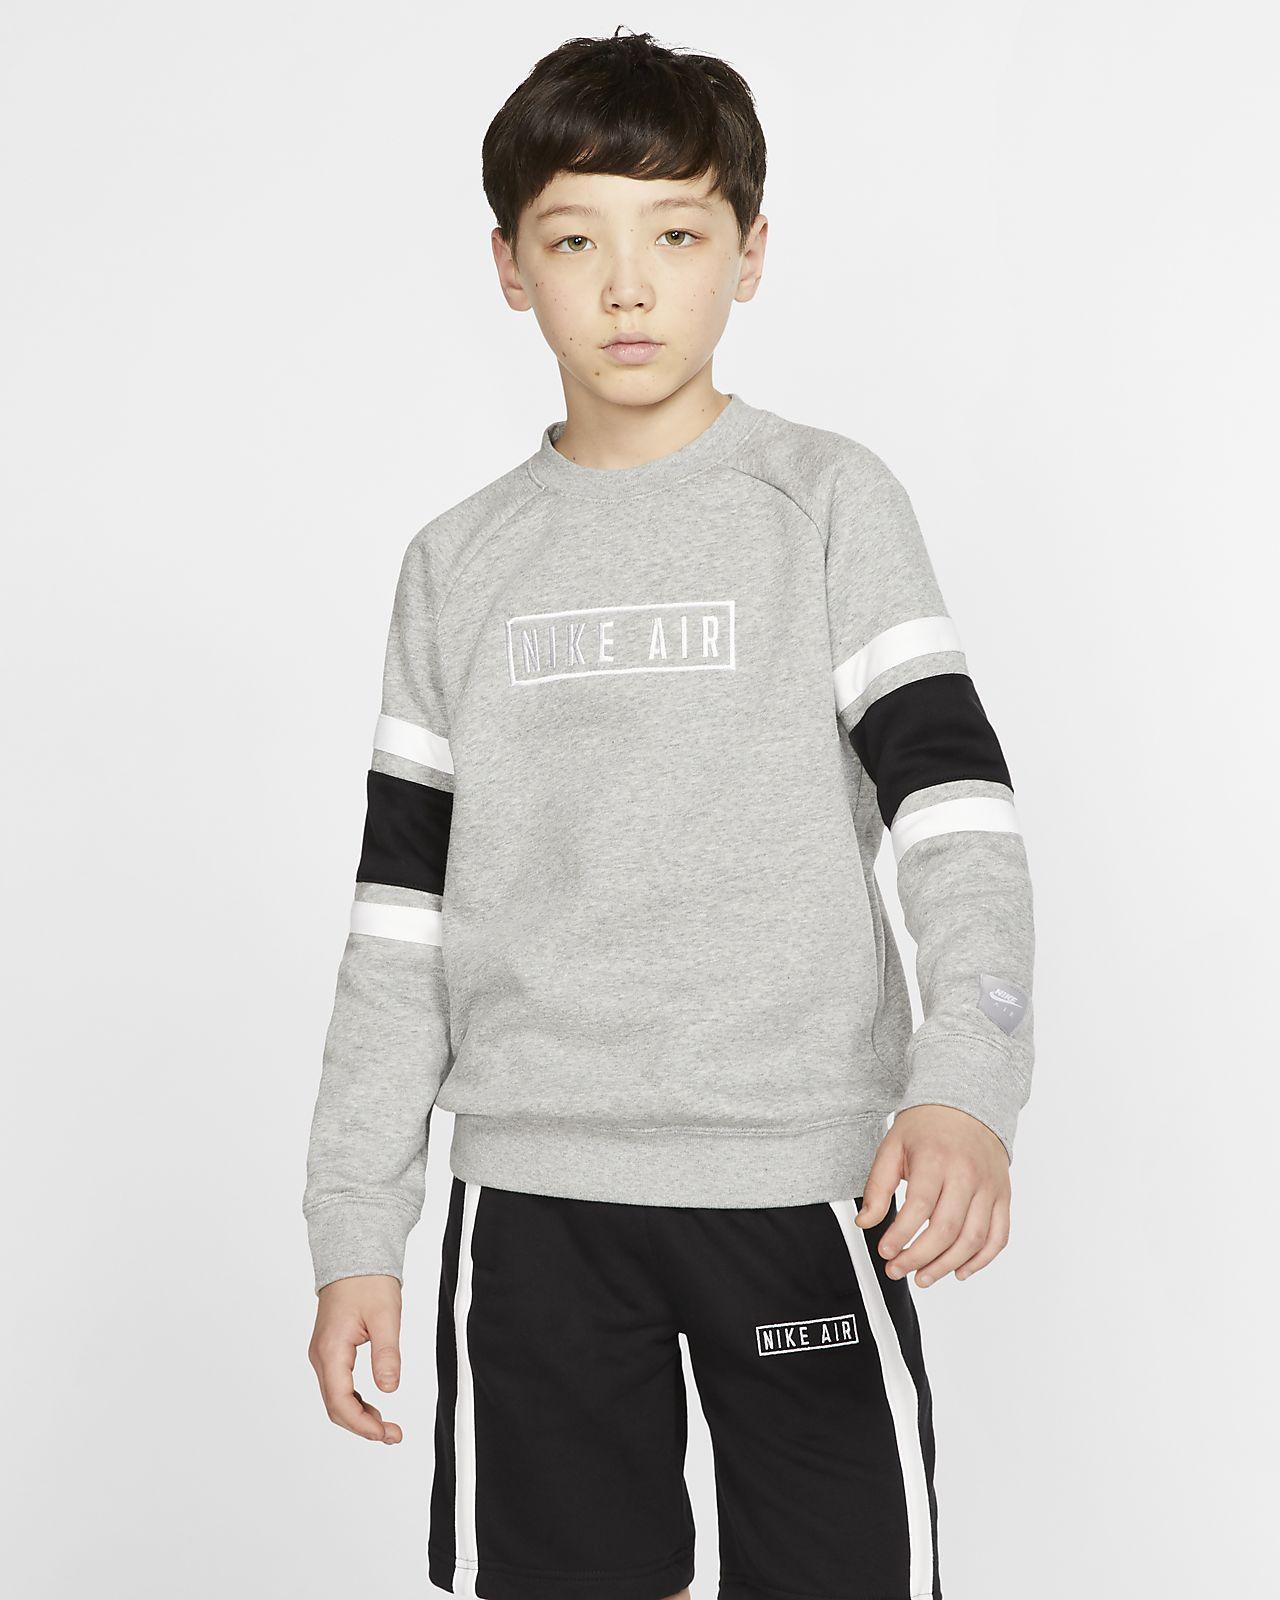 Tröja med rund hals Nike Air för killar